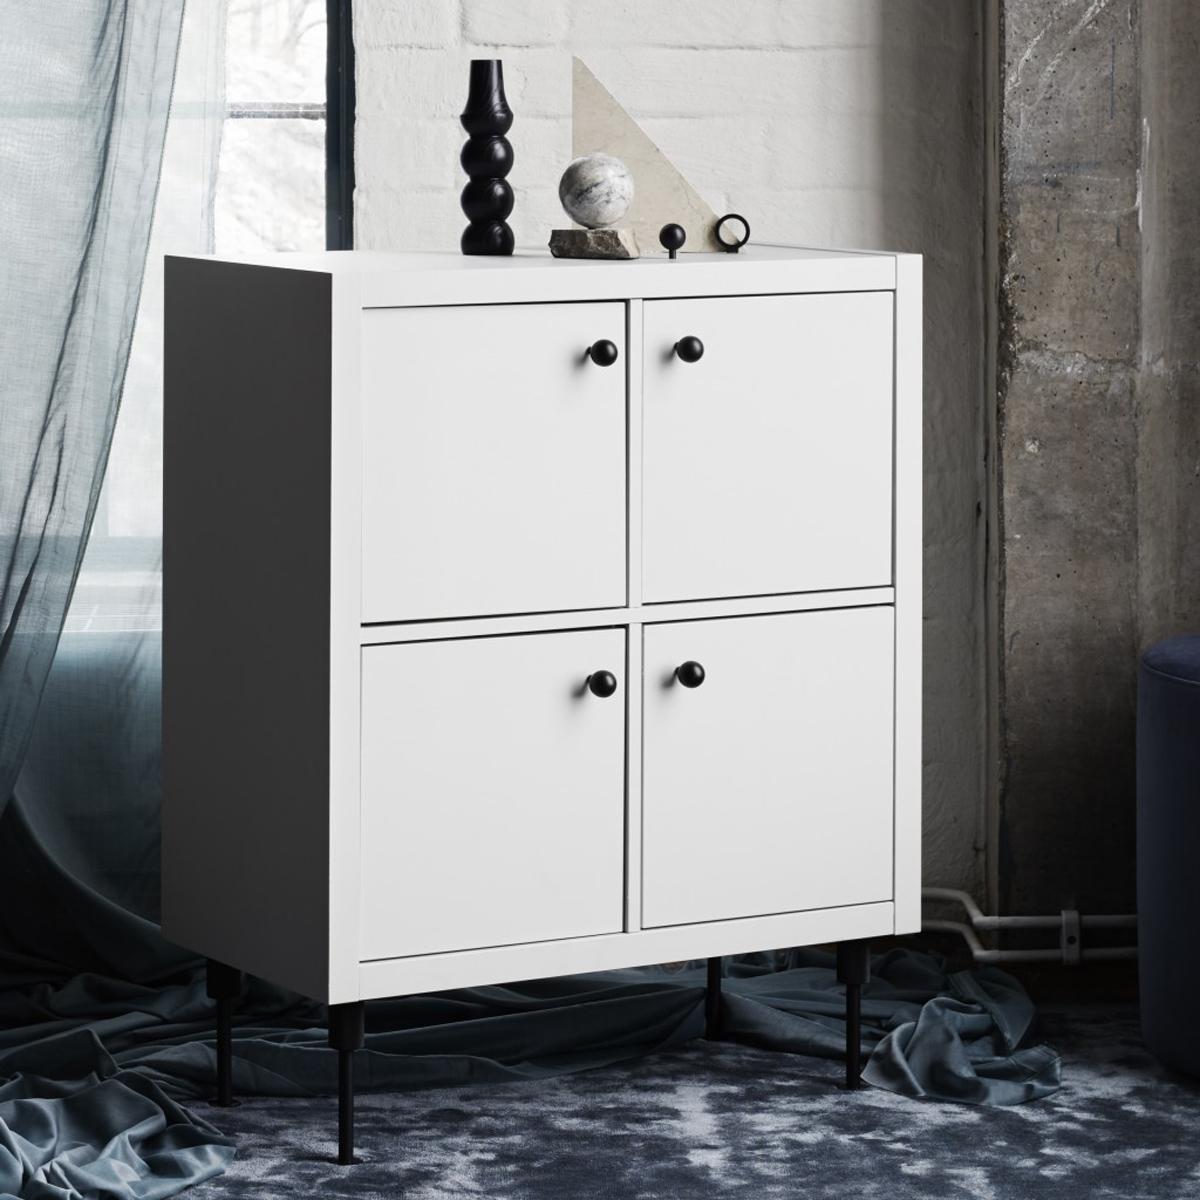 Ikea pomelli 28 images maniglie cucina ikea maniglie e pomelli per mobili ikea v 196 rde - Personalizzare mobili ikea ...